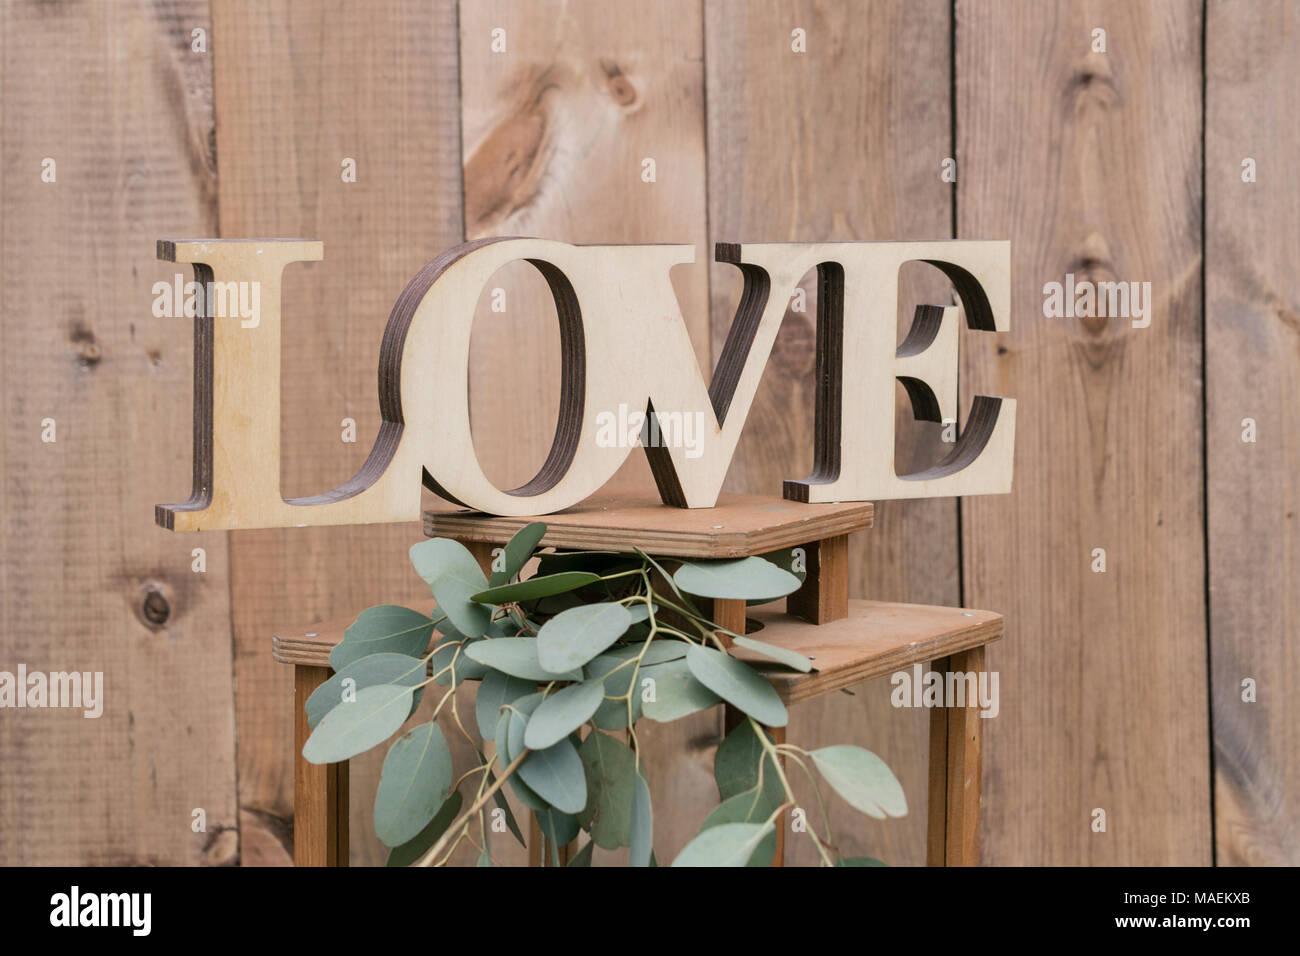 Lettere Di Legno Da Appendere : Lettere di amore.. vecchio muro o recinzione di tavole di legno